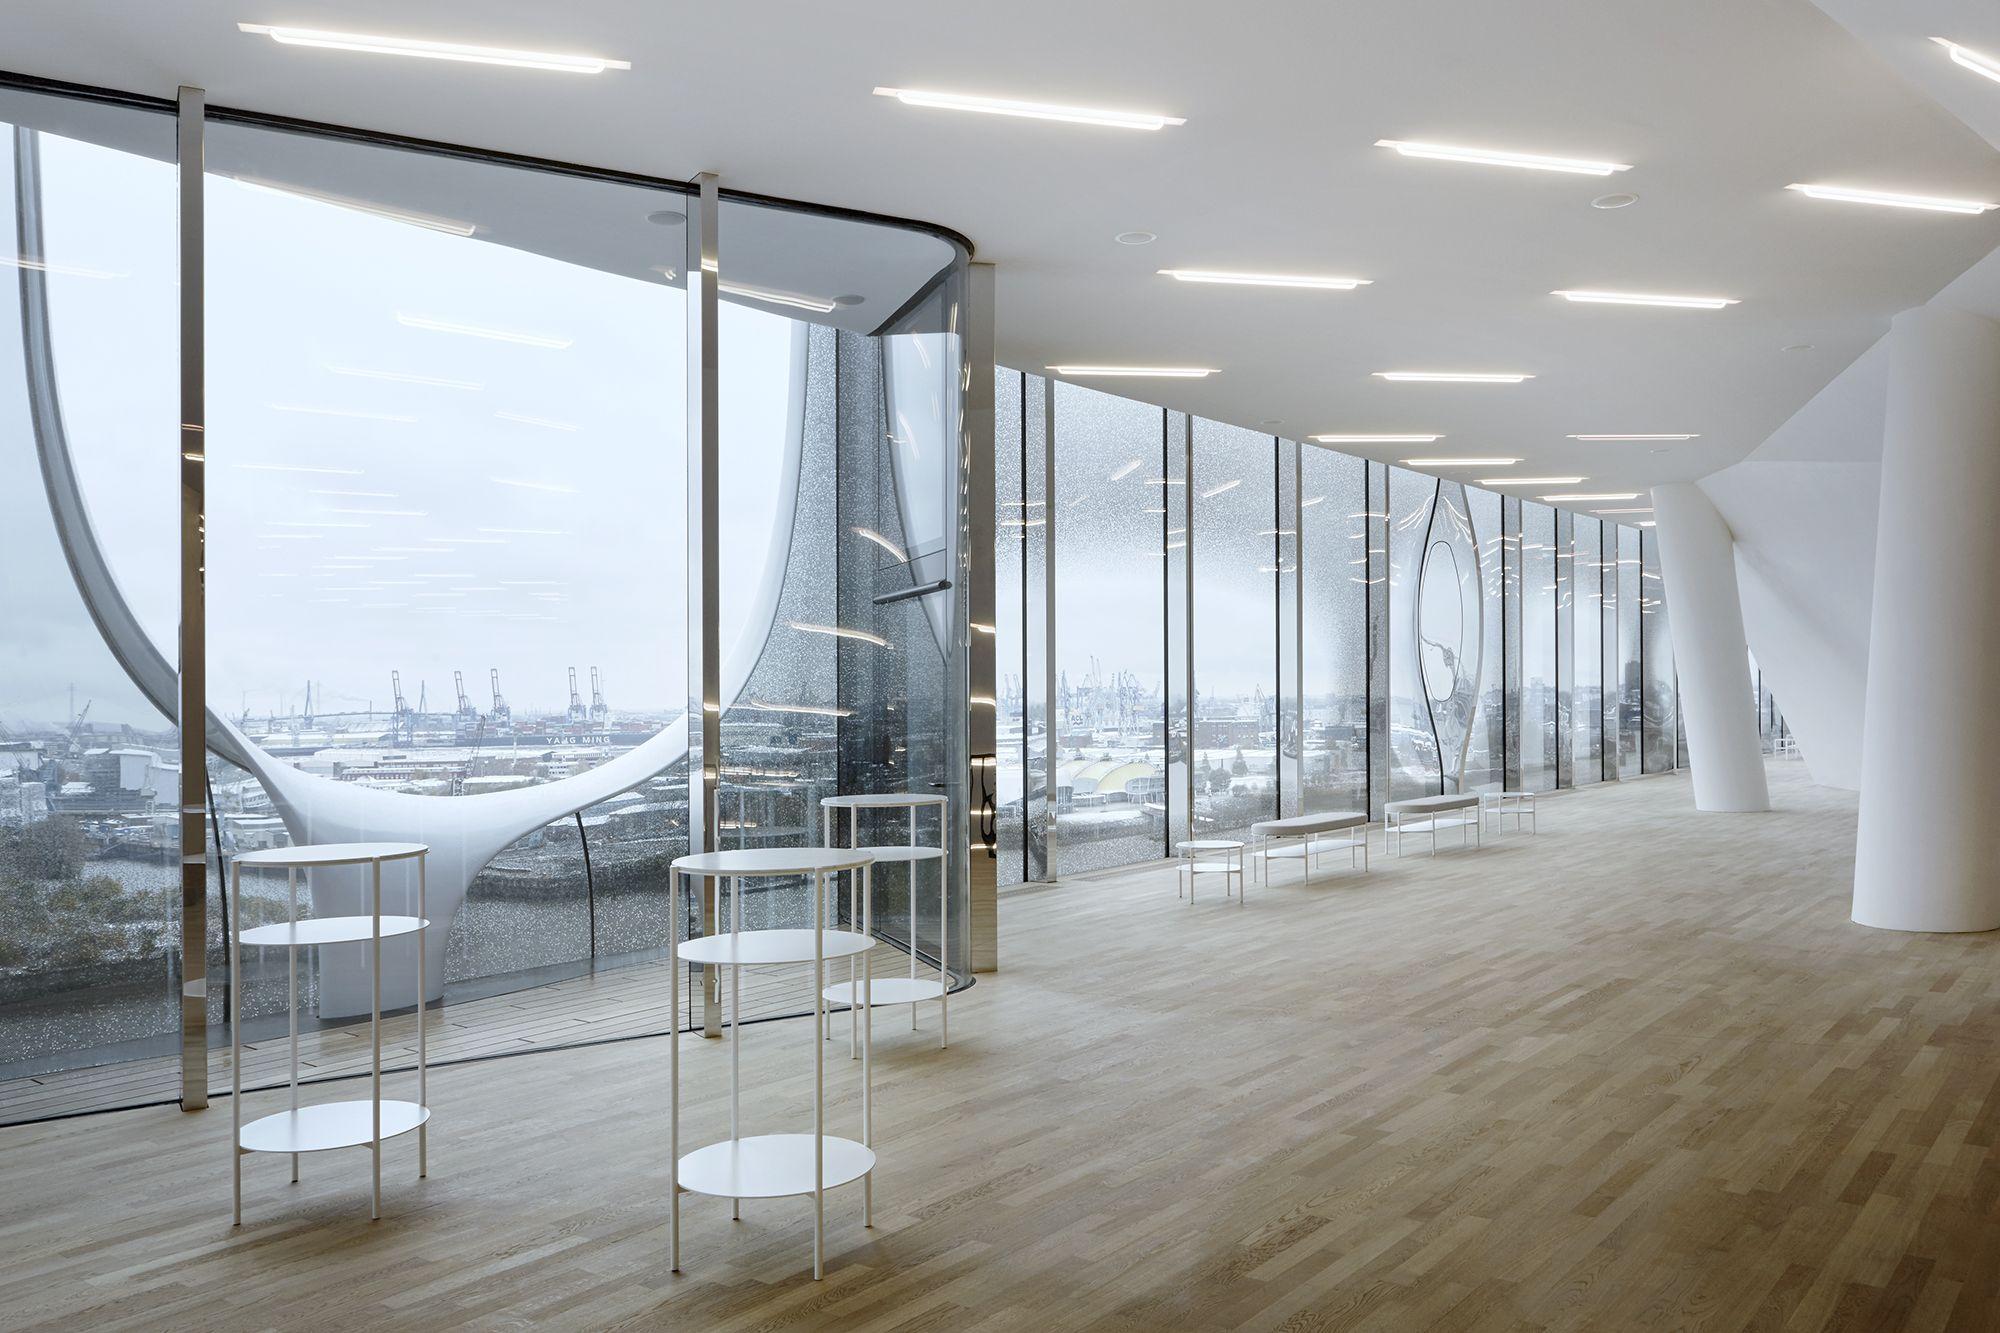 Elbphilharmonie: Möblierung und Architektur im Einklang